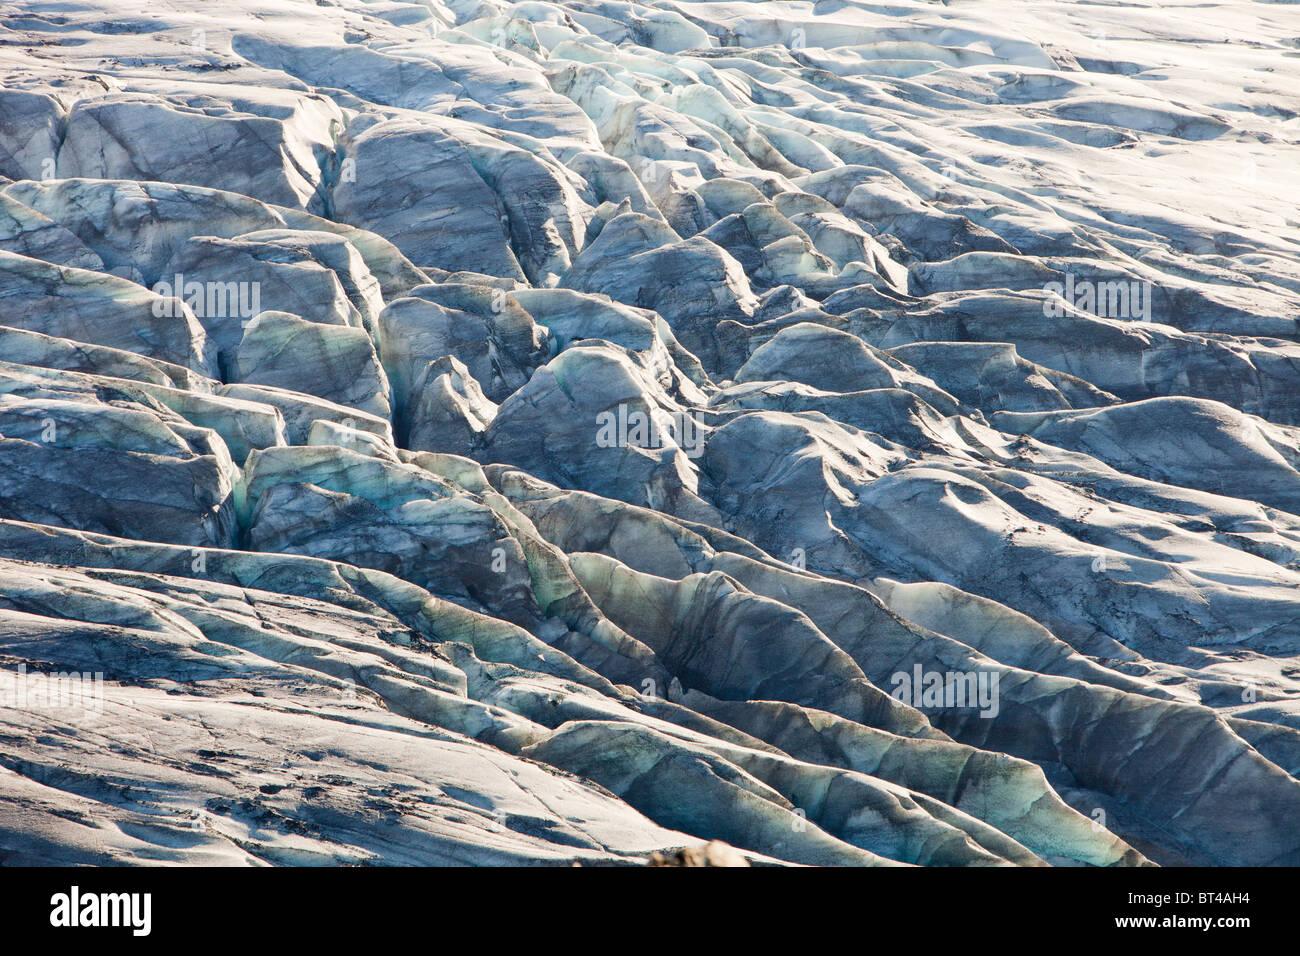 El glaciar Skaftafellsjokull. Como todos los glaciares de Islandia está disminuyendo rápidamente debido Imagen De Stock